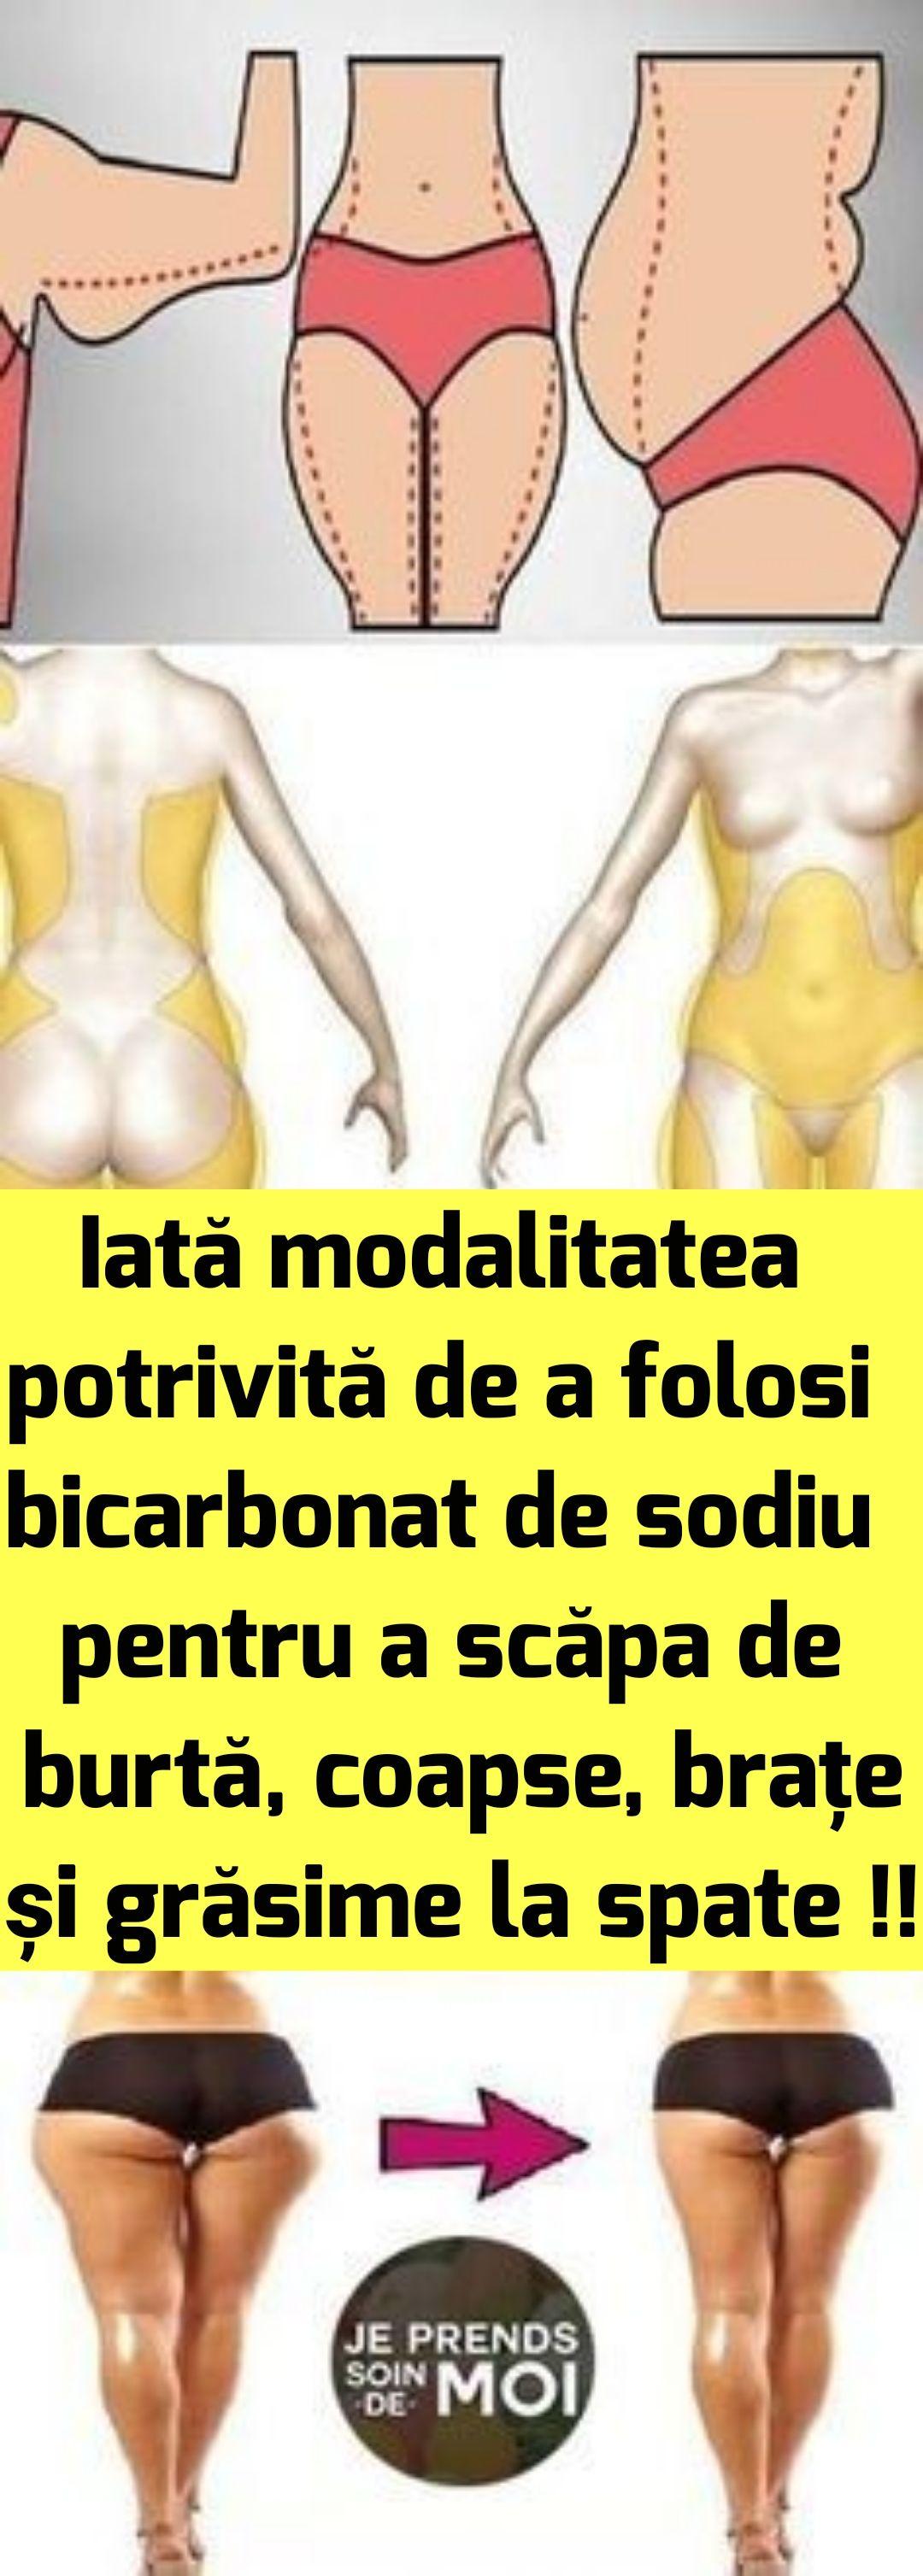 Pierdere în greutate Dietă Mâncare Grăsime, sănătate, abdomen, Undergarment activ png | PNGEgg